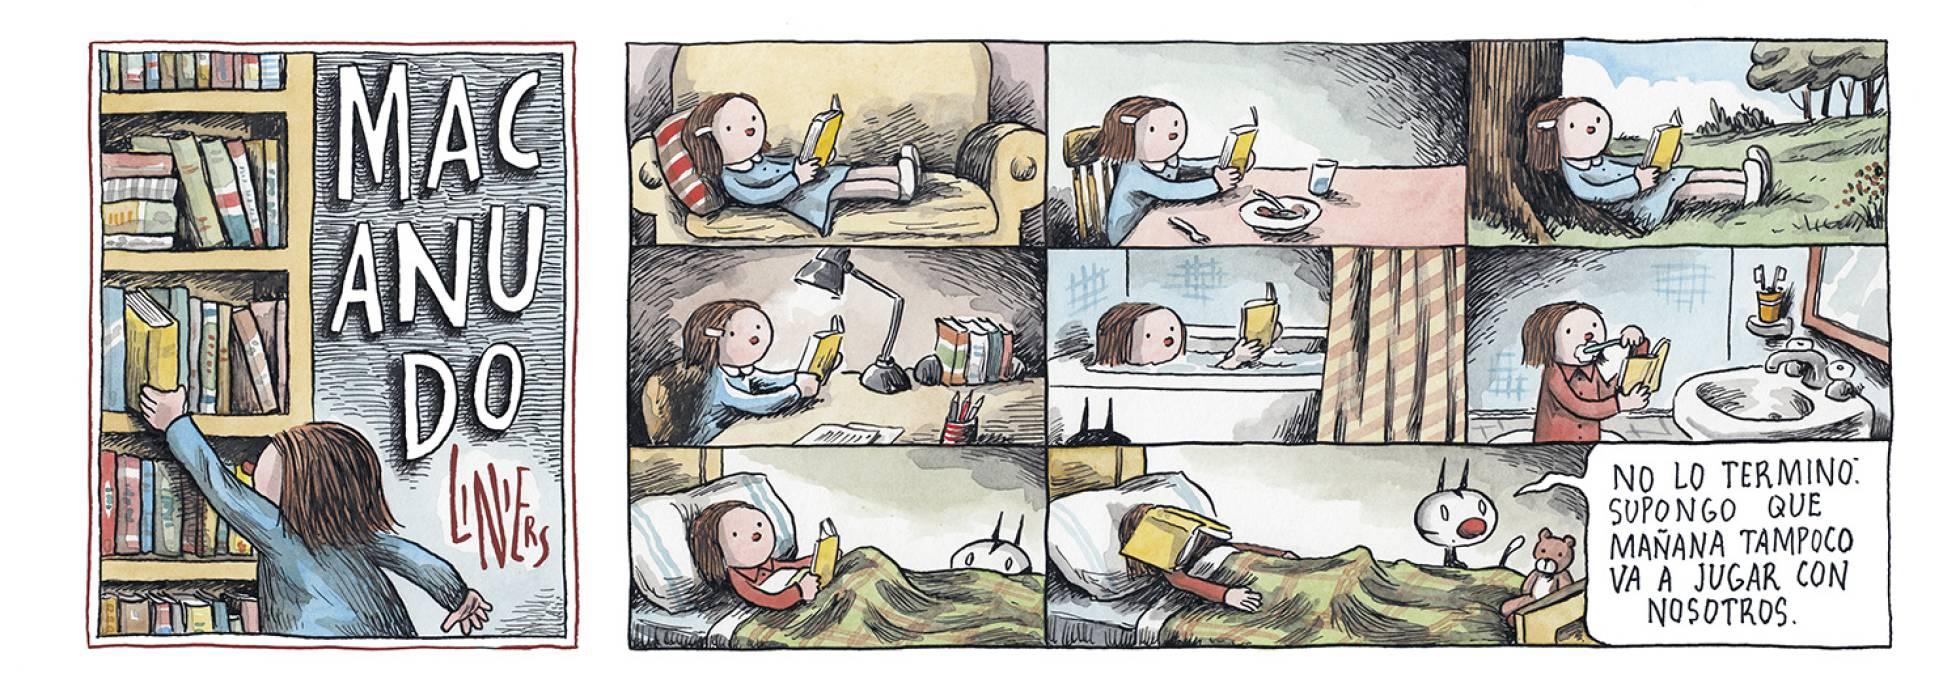 Liniers, en El País Semanal, 06/01/2019